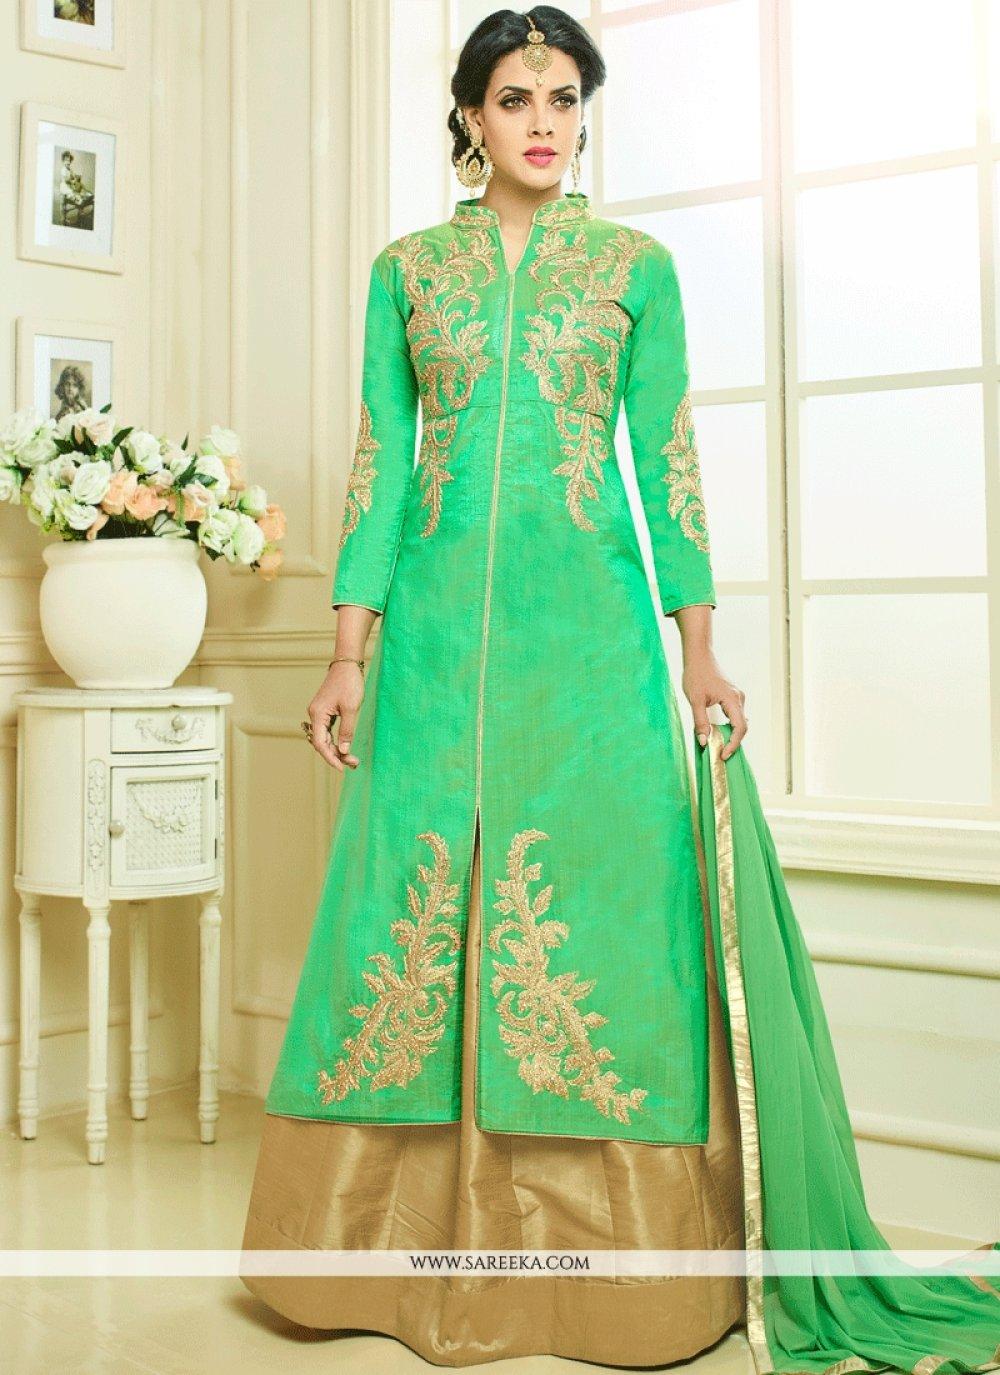 Art Silk Sea Green Long Choli Lehenga